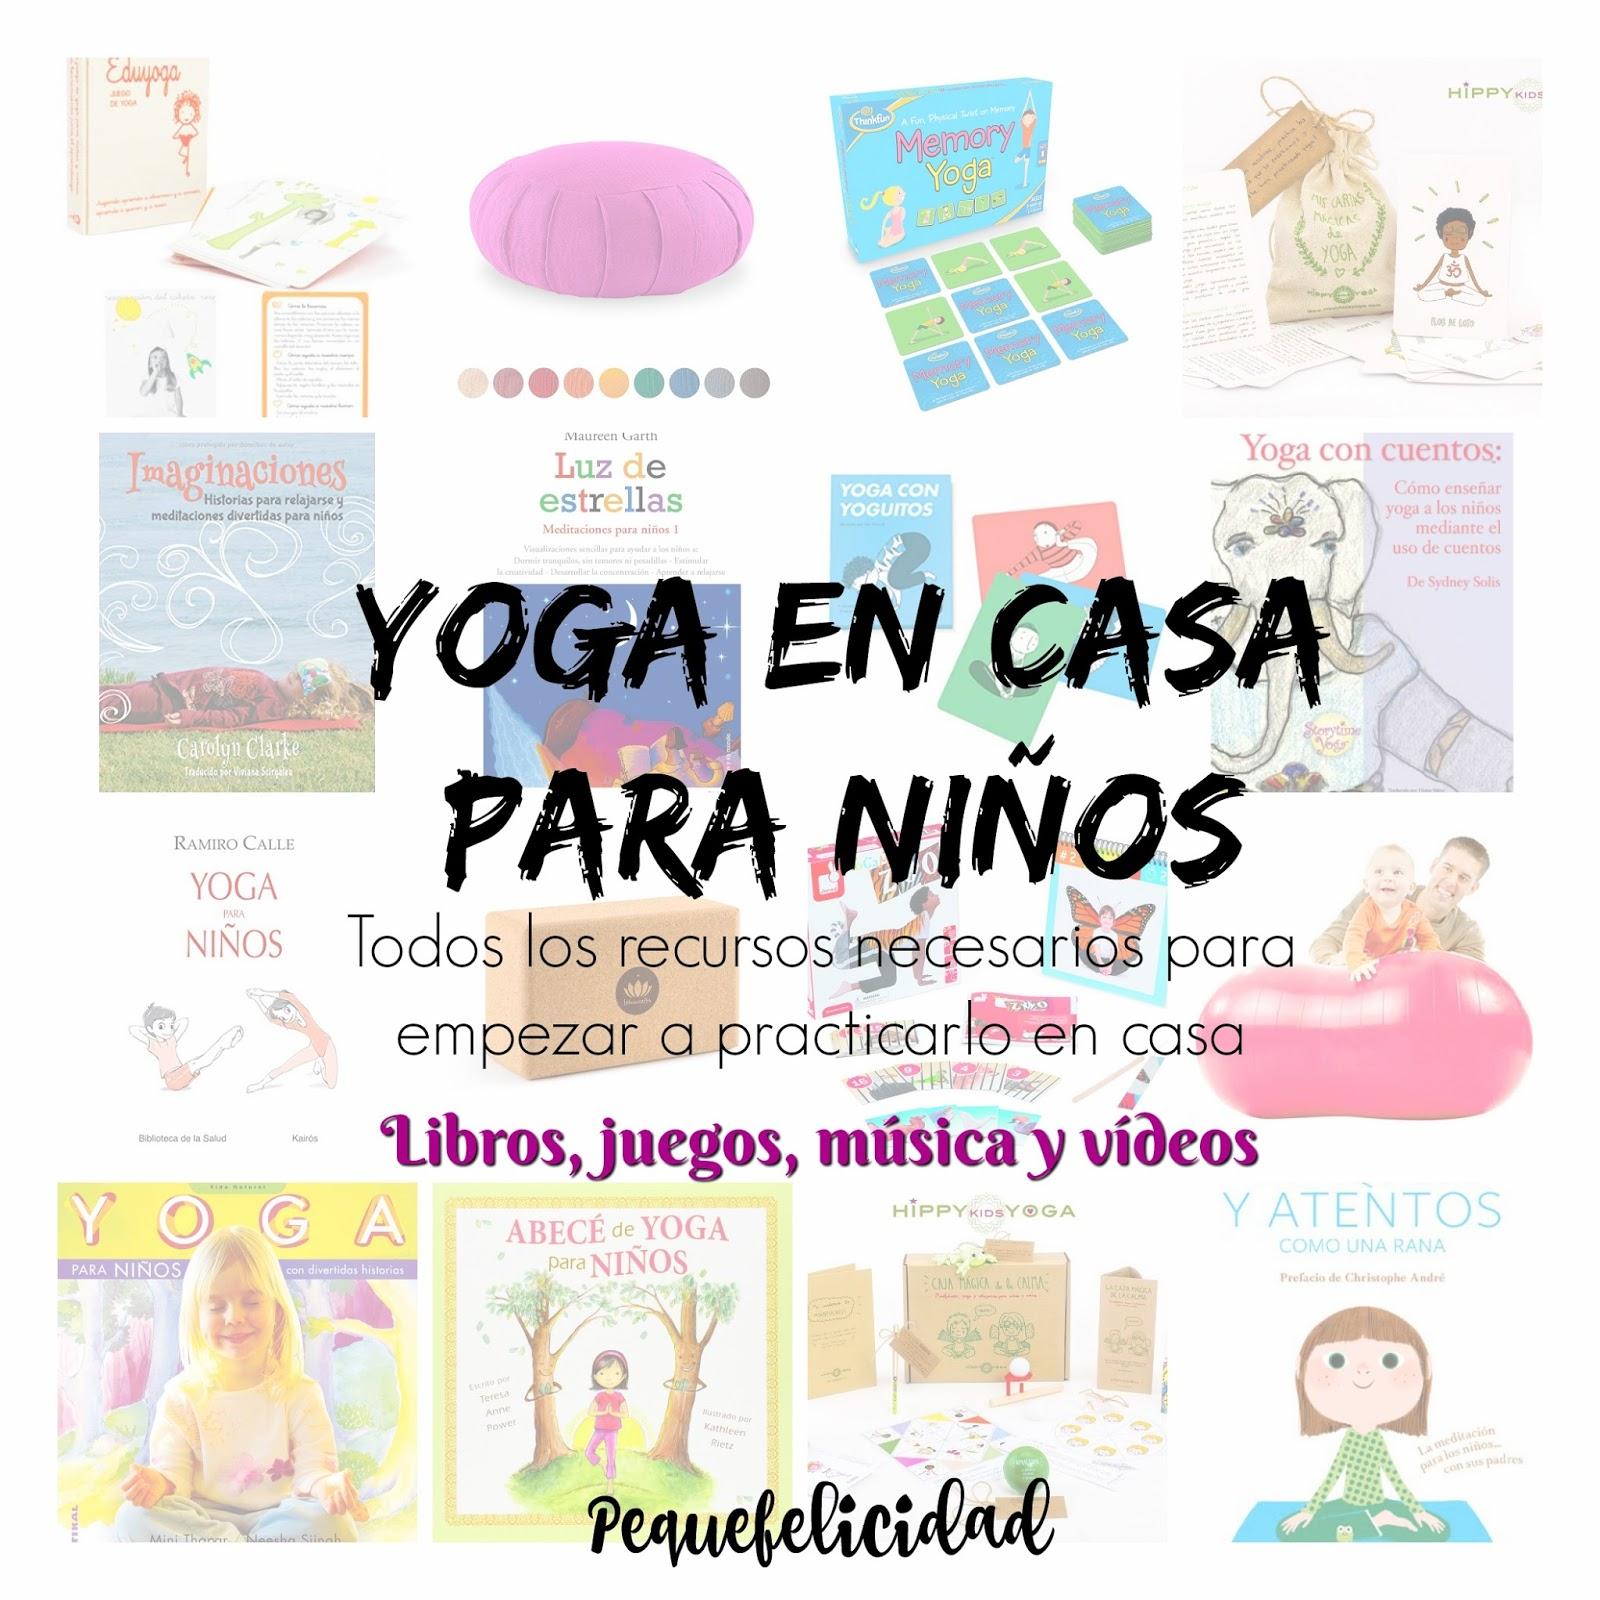 hoy vamos a ver algunos recursos prcticos para iniciarte en el yoga con nios en casa quiero mostrarte diferentes para empezar a practicar